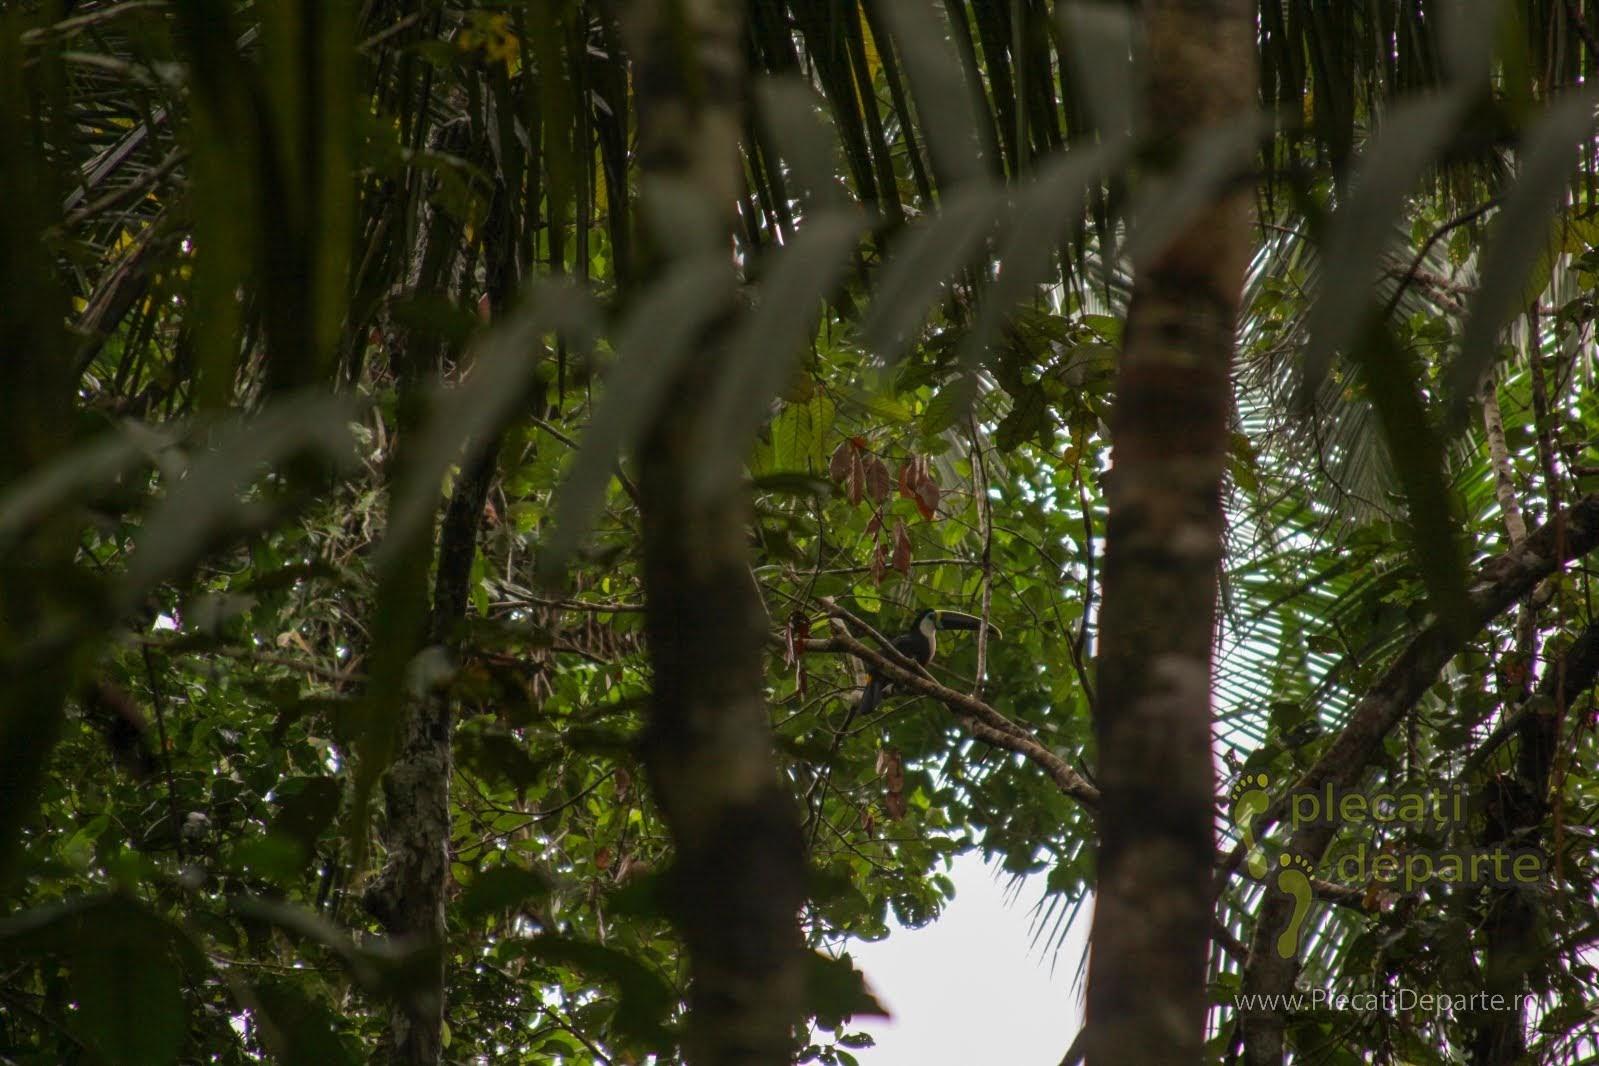 Tucan in jungla amazoniana, in Rezervatia Nationala Pacaya-Samiria, Peru